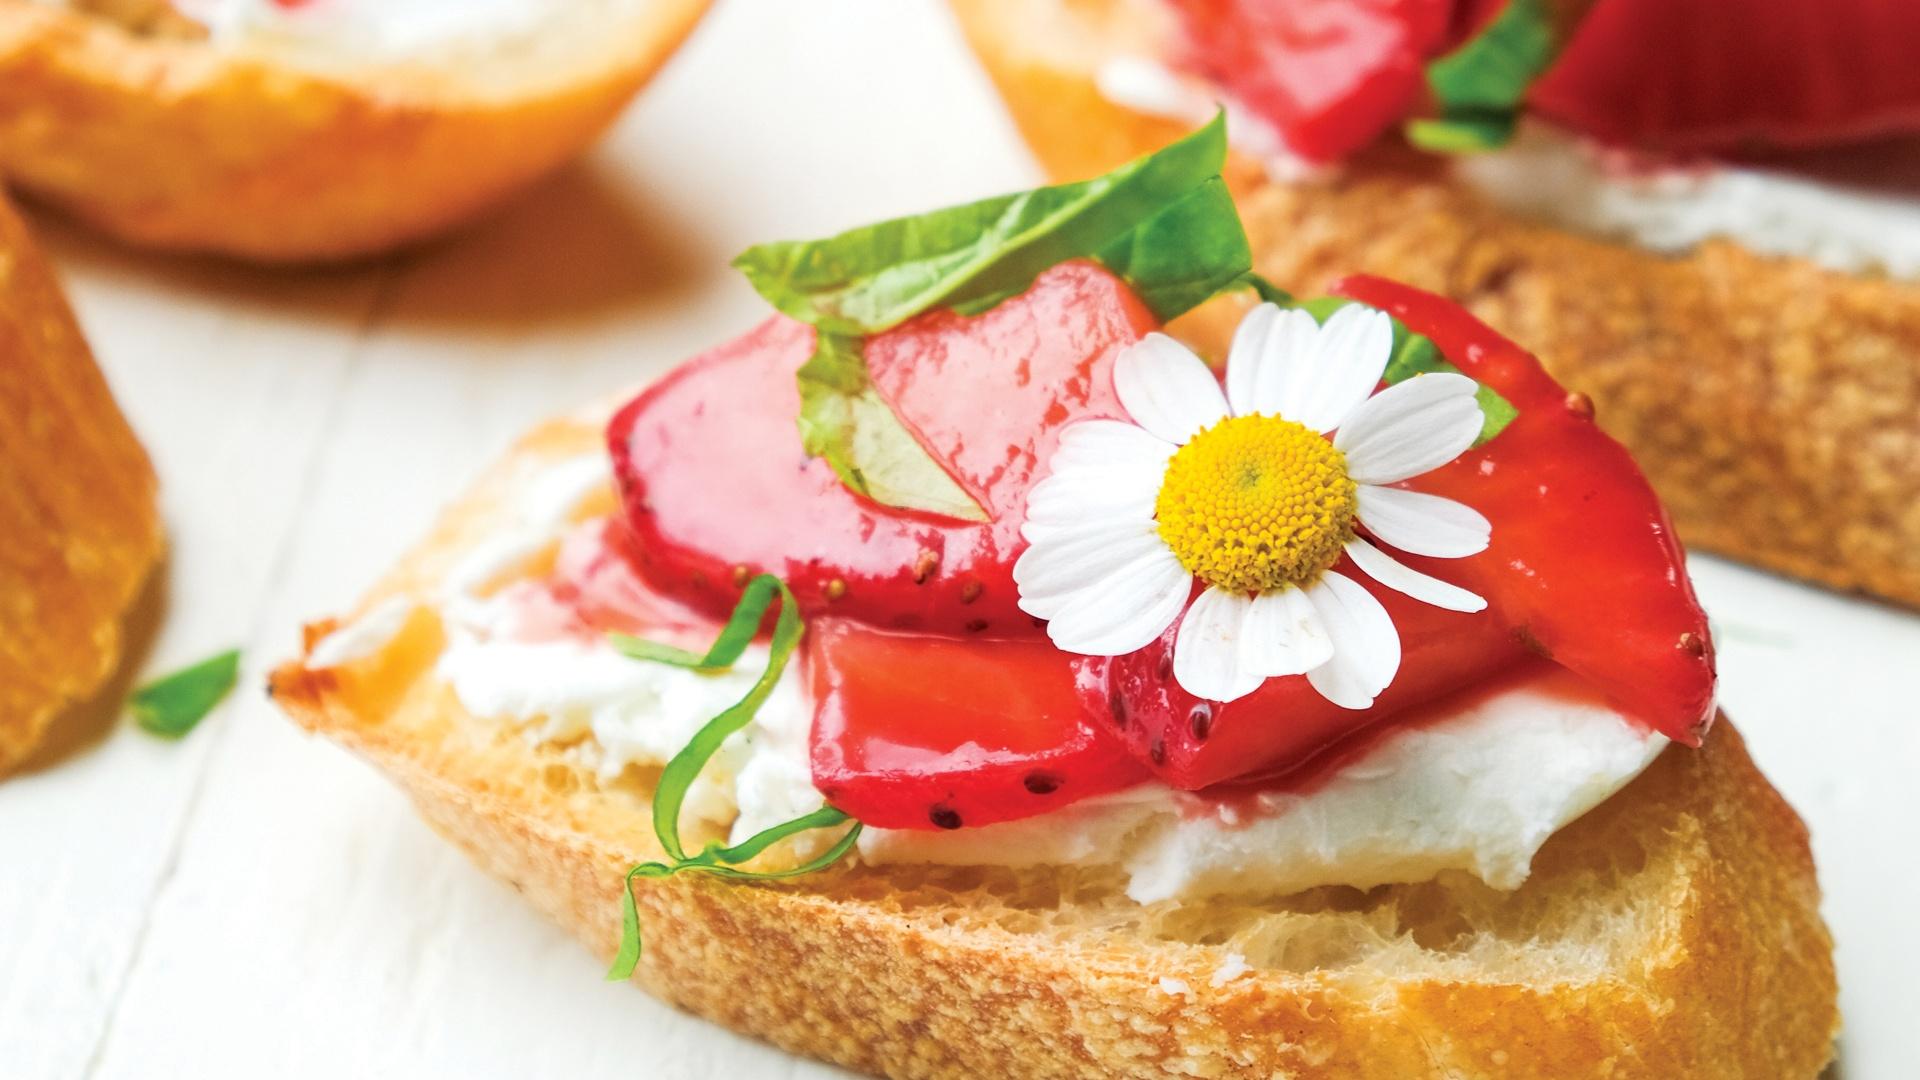 California strawberry recipe